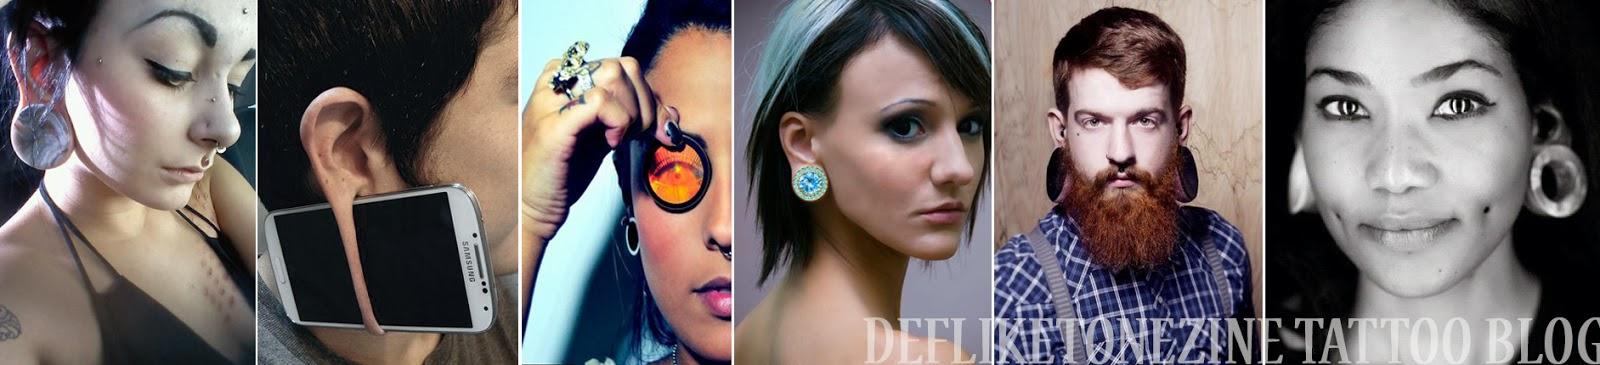 Эротические фотографии девушек с тонелью в мочке уха — photo 1